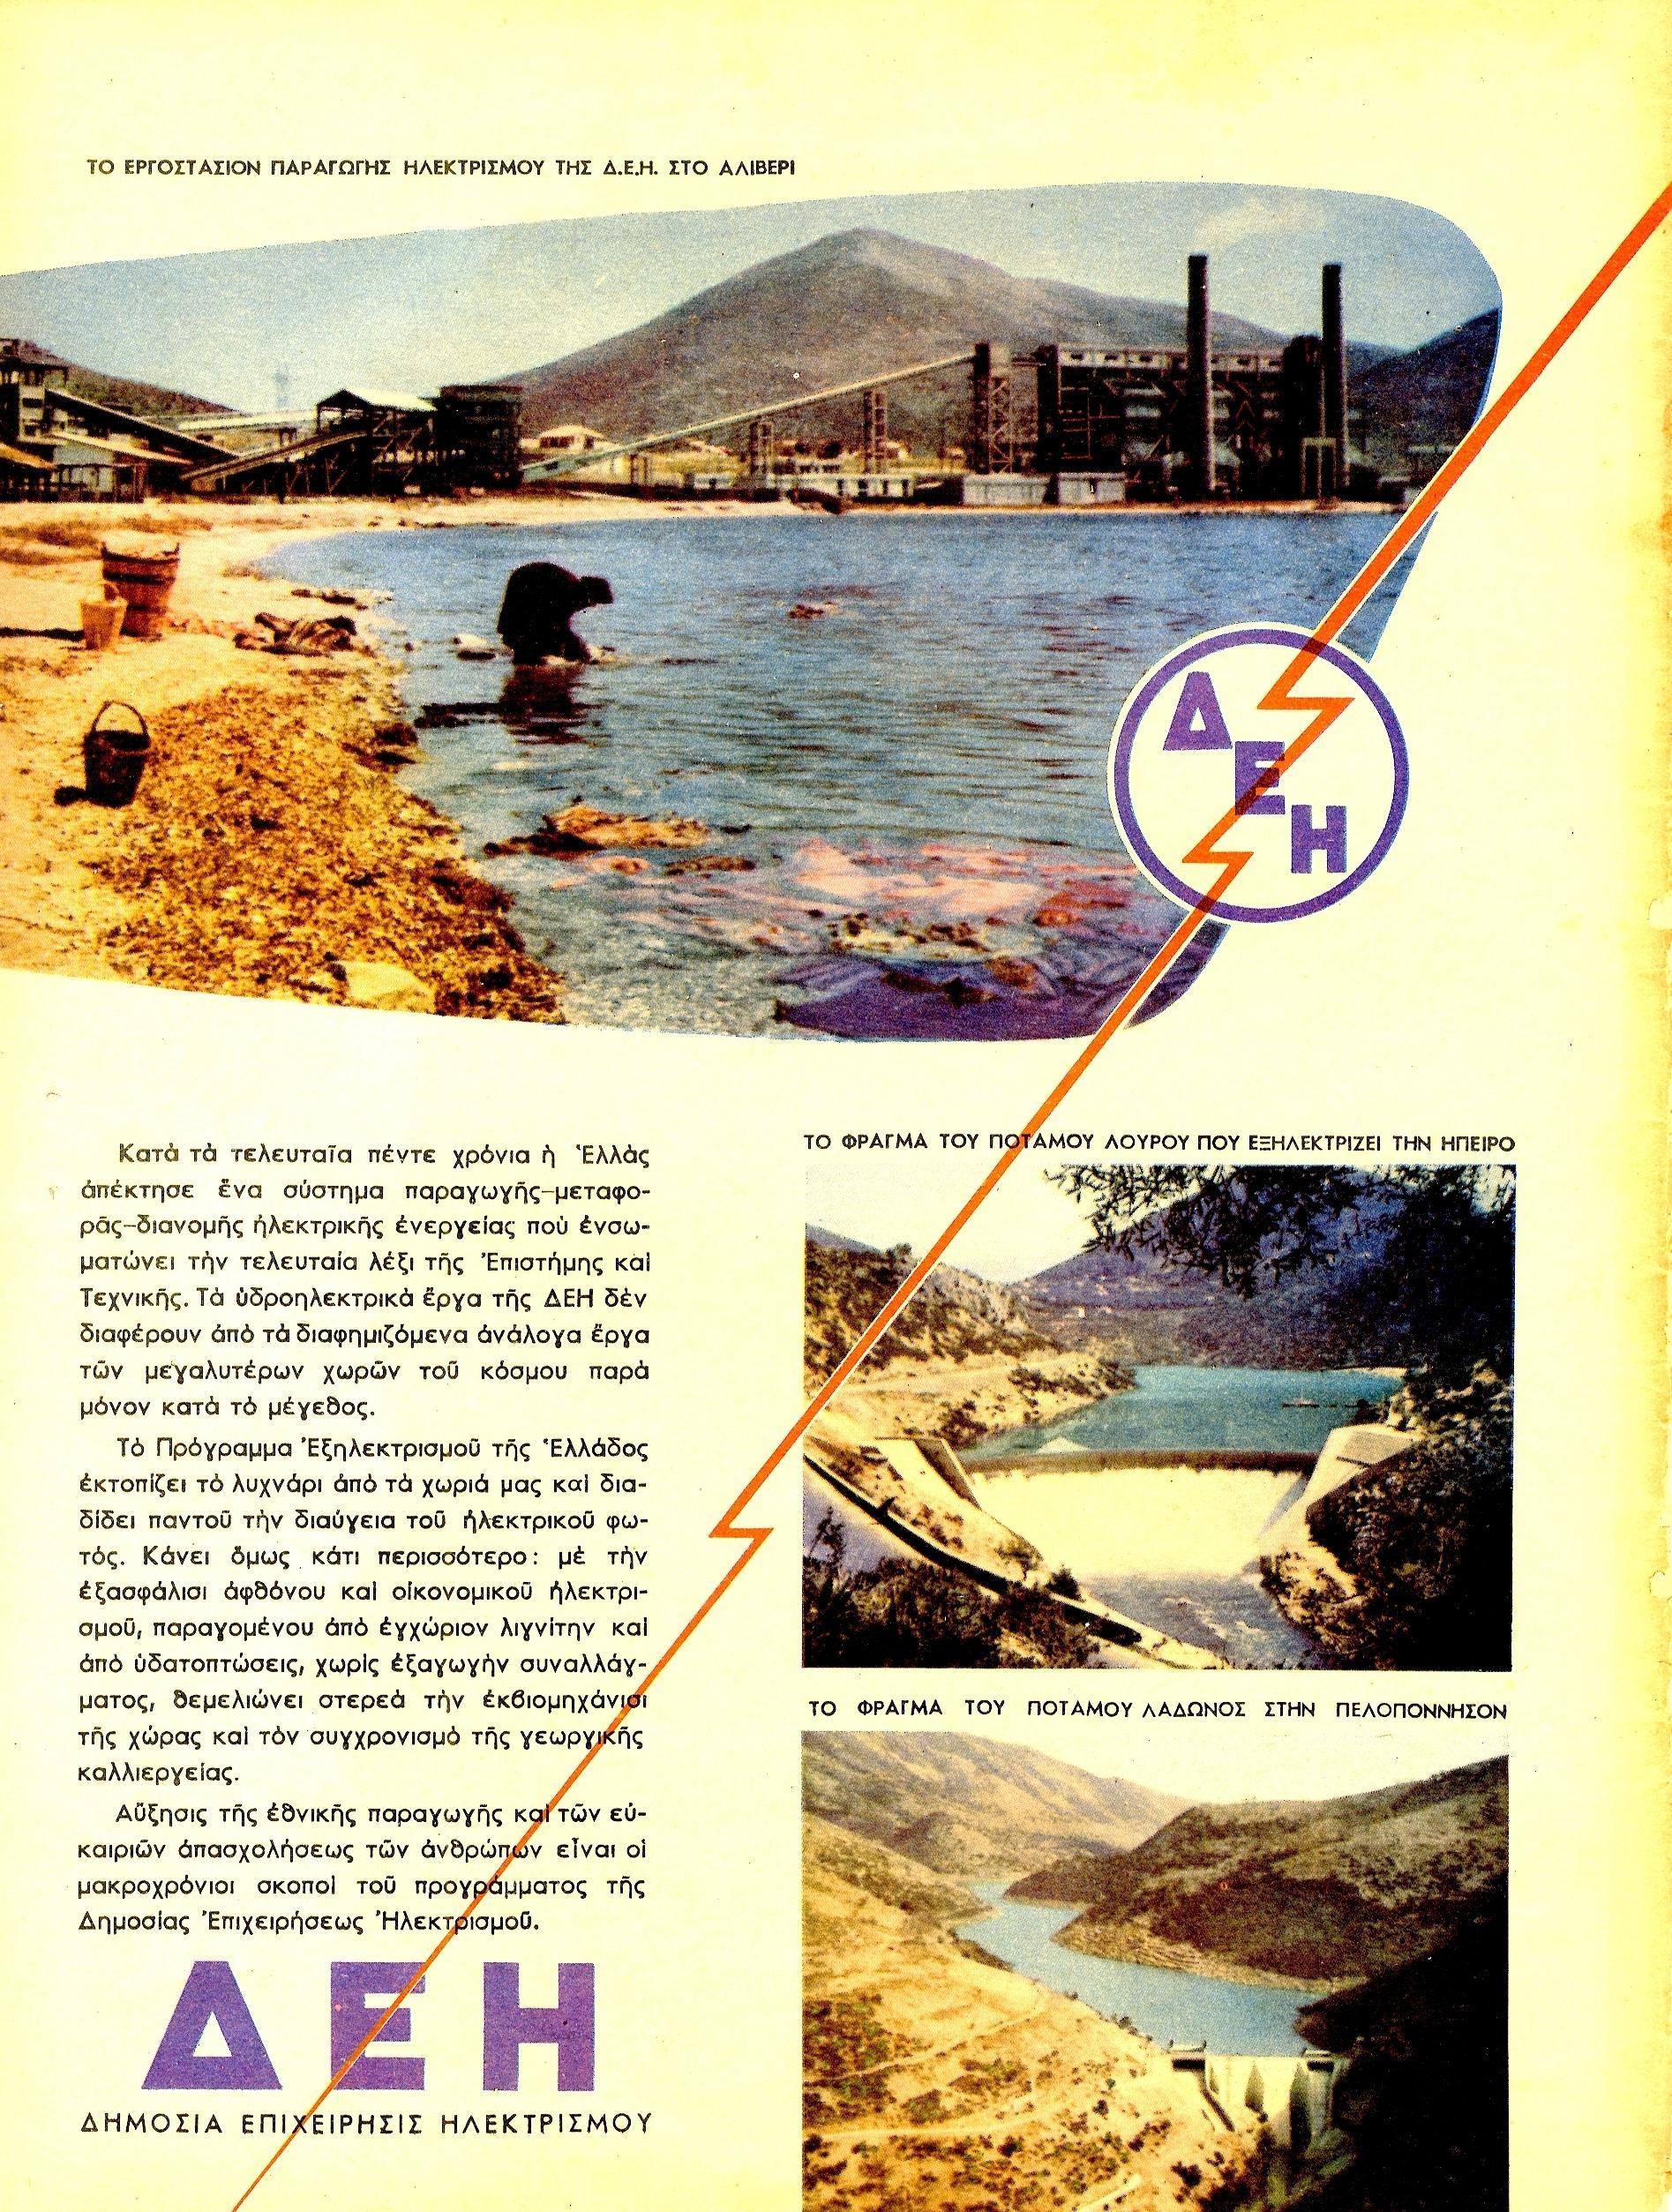 Αύγουστο του 1950: Οταν η ΔΕΗ μπήκε στην... πρίζα